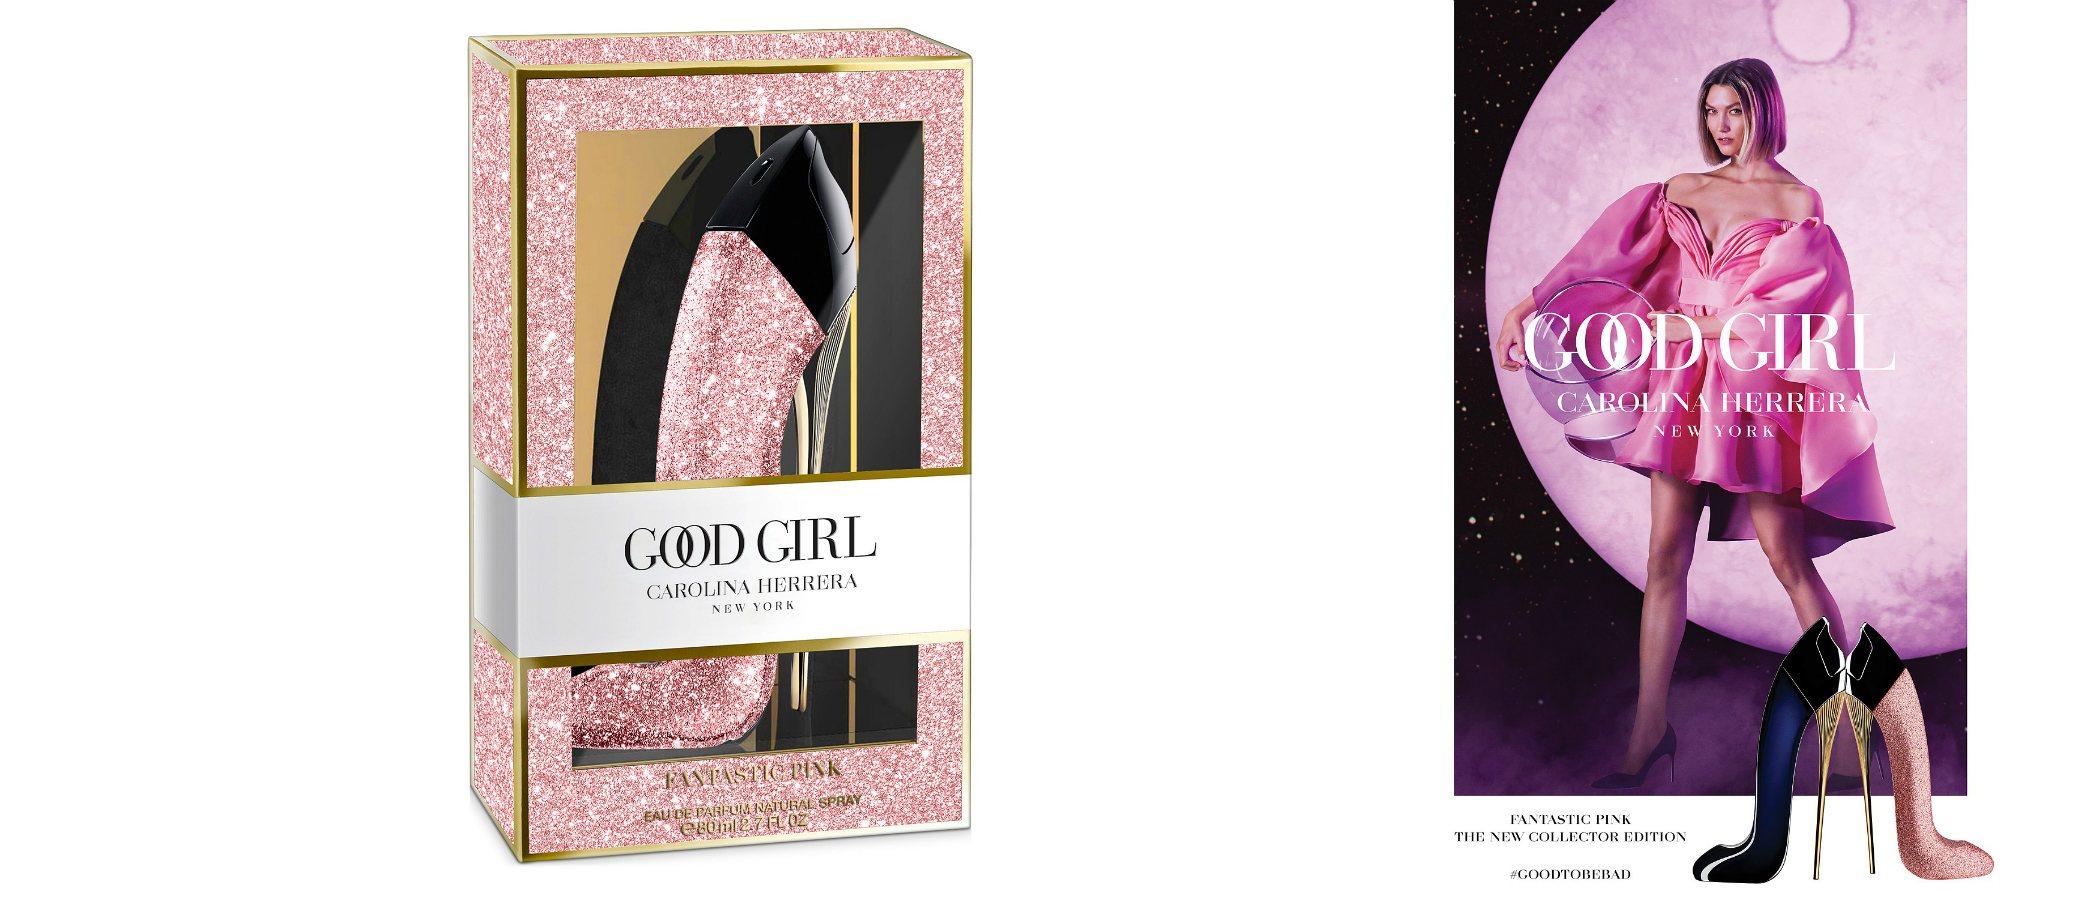 'Good Girl Fantastic Pink', la nueva edición coleccionista del perfume de Carolina Herrera